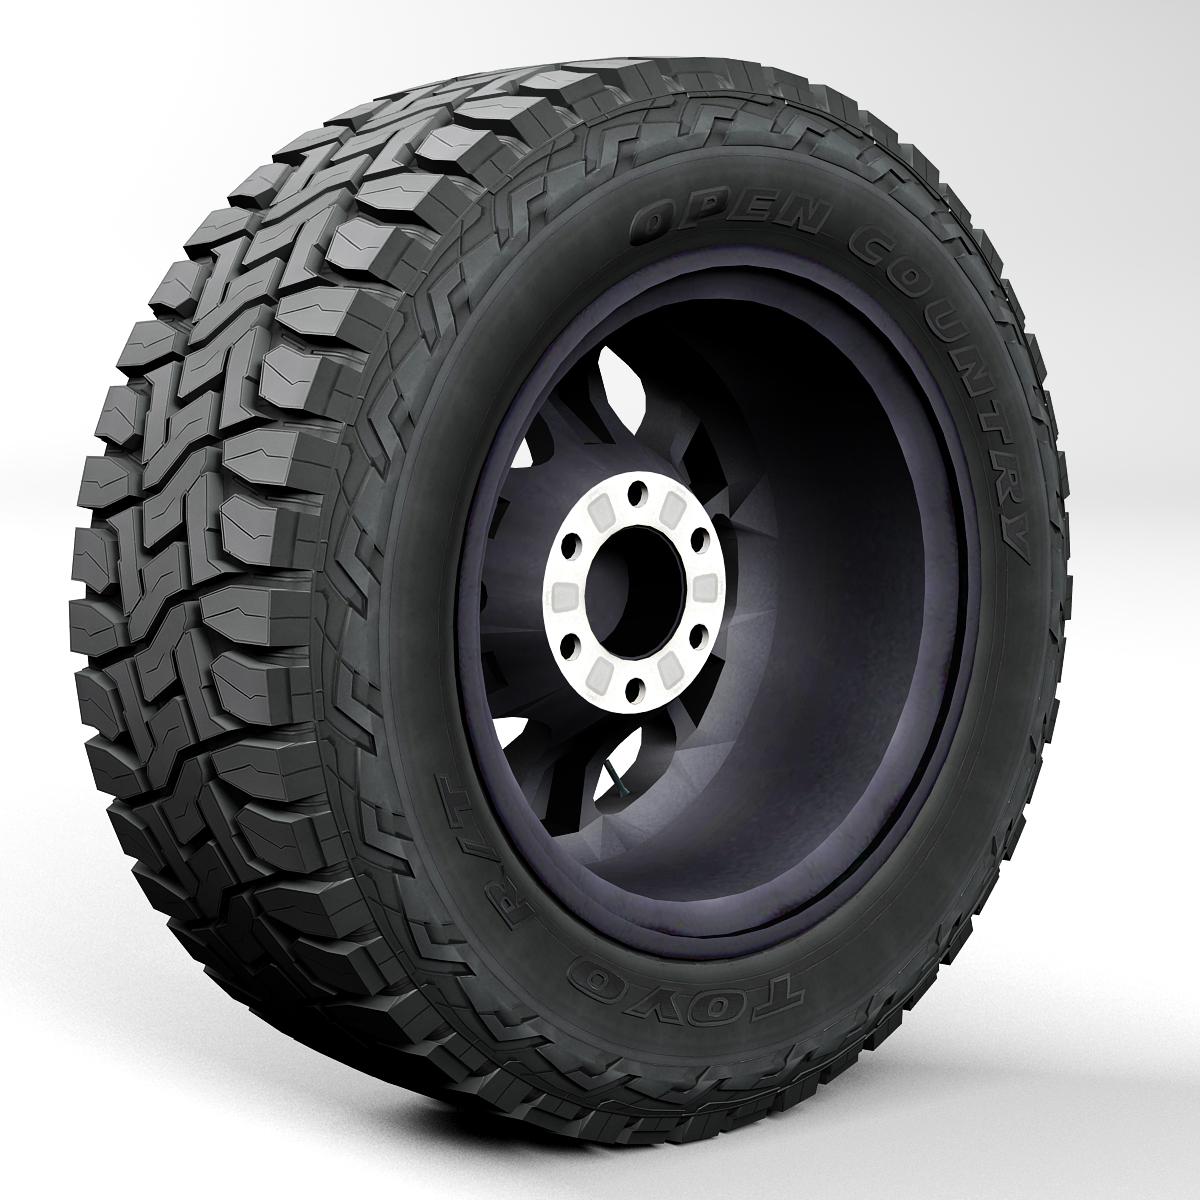 off road wheel and tire 2 3d model 3ds max fbx tga targa icb vda vst pix obj 224415